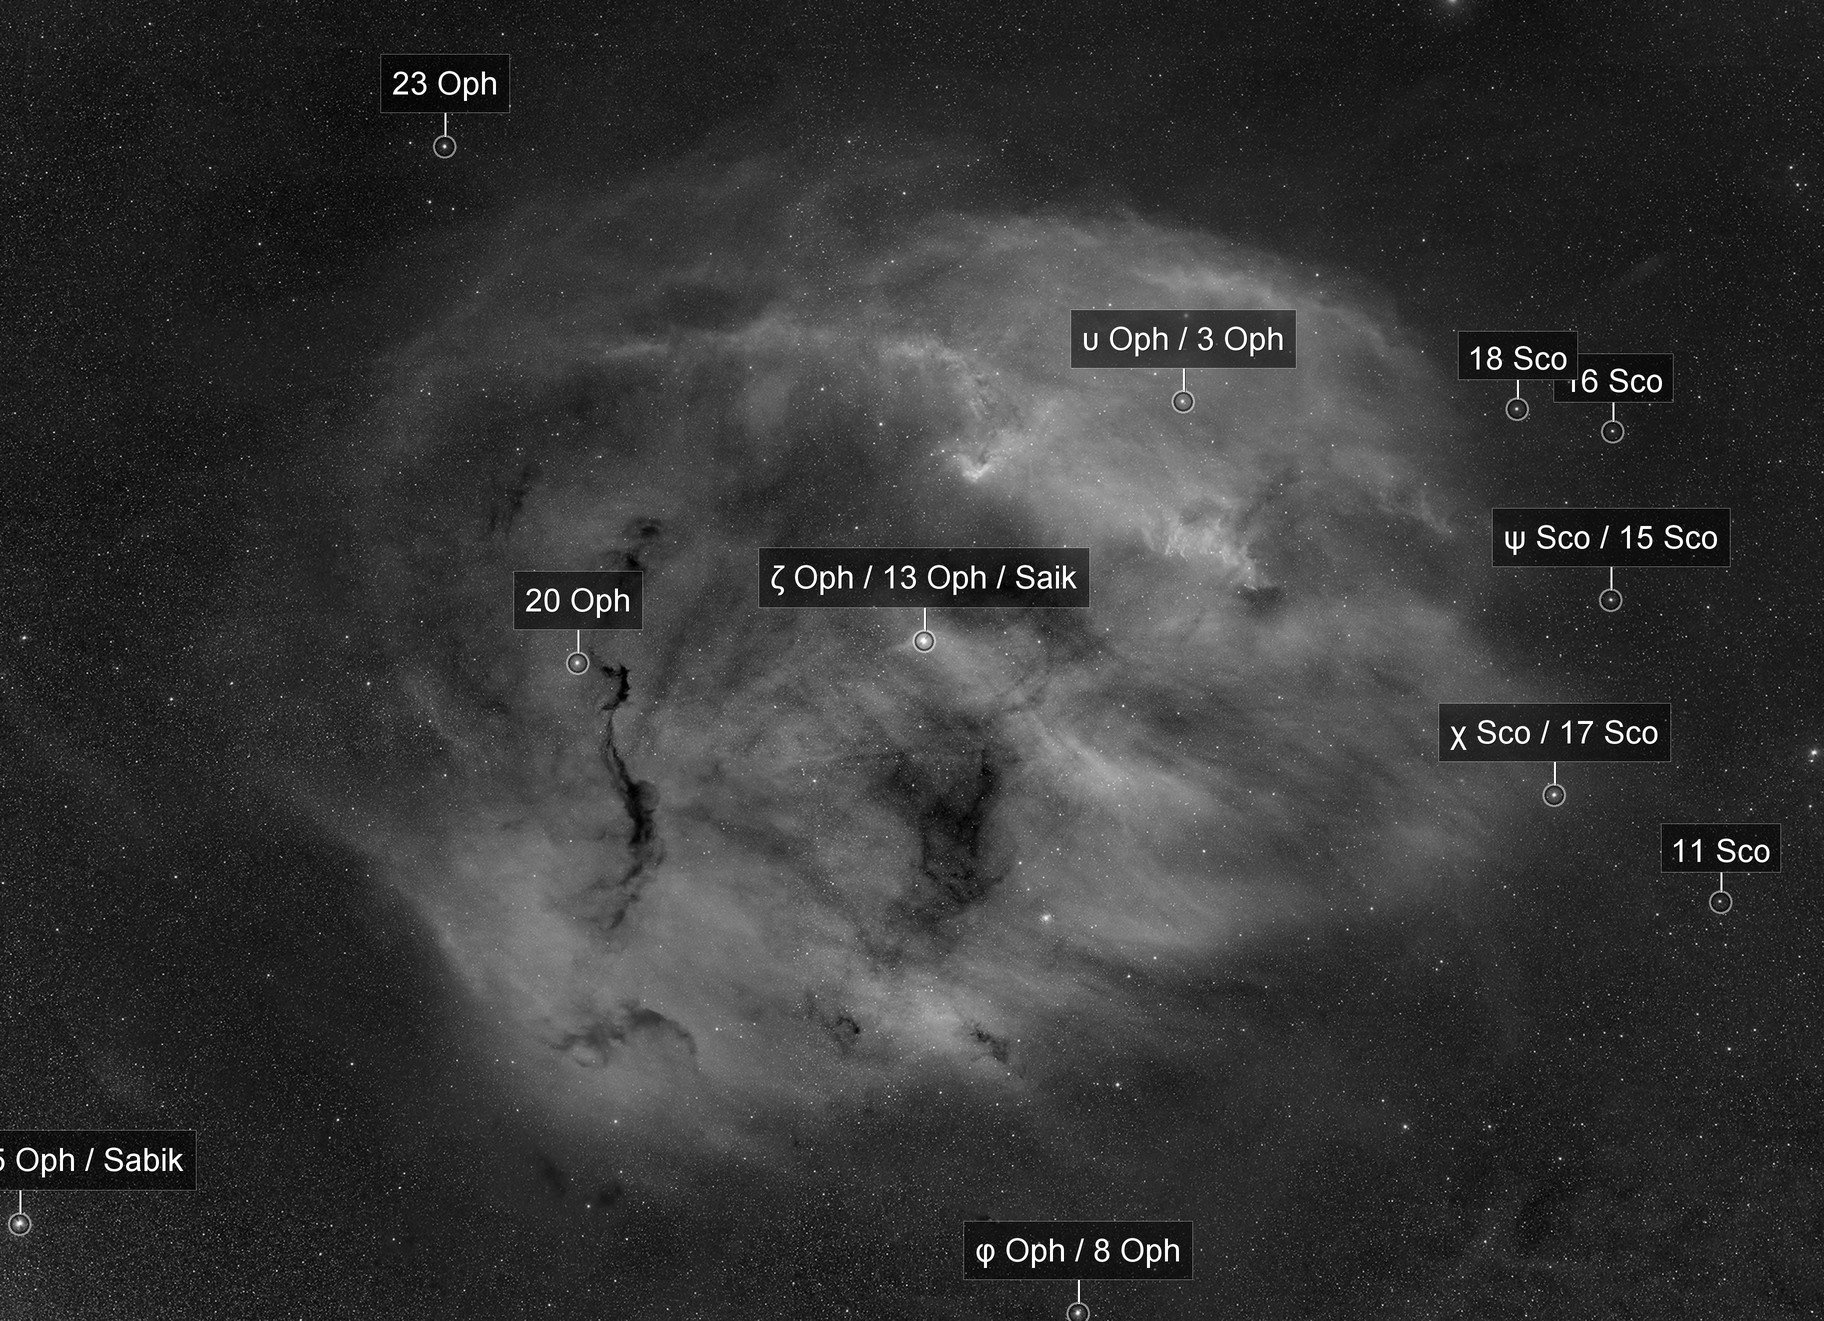 Zeta Ophiuchi Nebula Mosaic